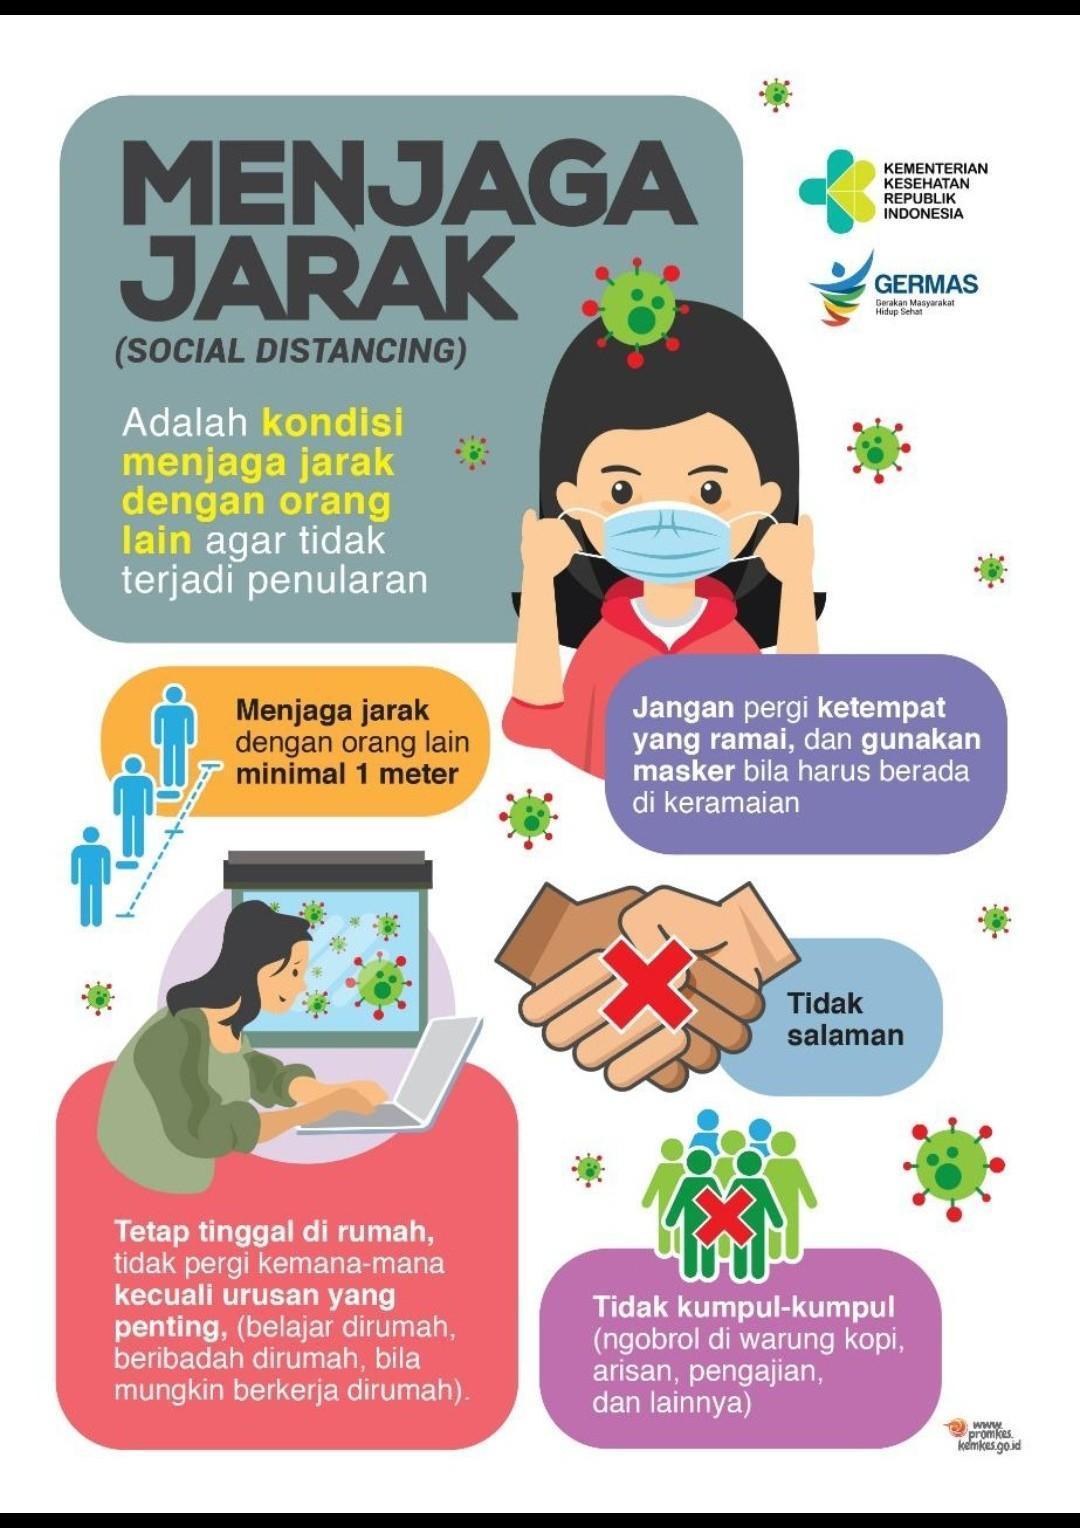 Gambar Iklan Kesehatan : gambar, iklan, kesehatan, Maknai, Iklan, Tersebut, Berdasarkan, Hankam,, Bidang, Kesehatan,, Sosial, Ekonomi., Brainly.co.id